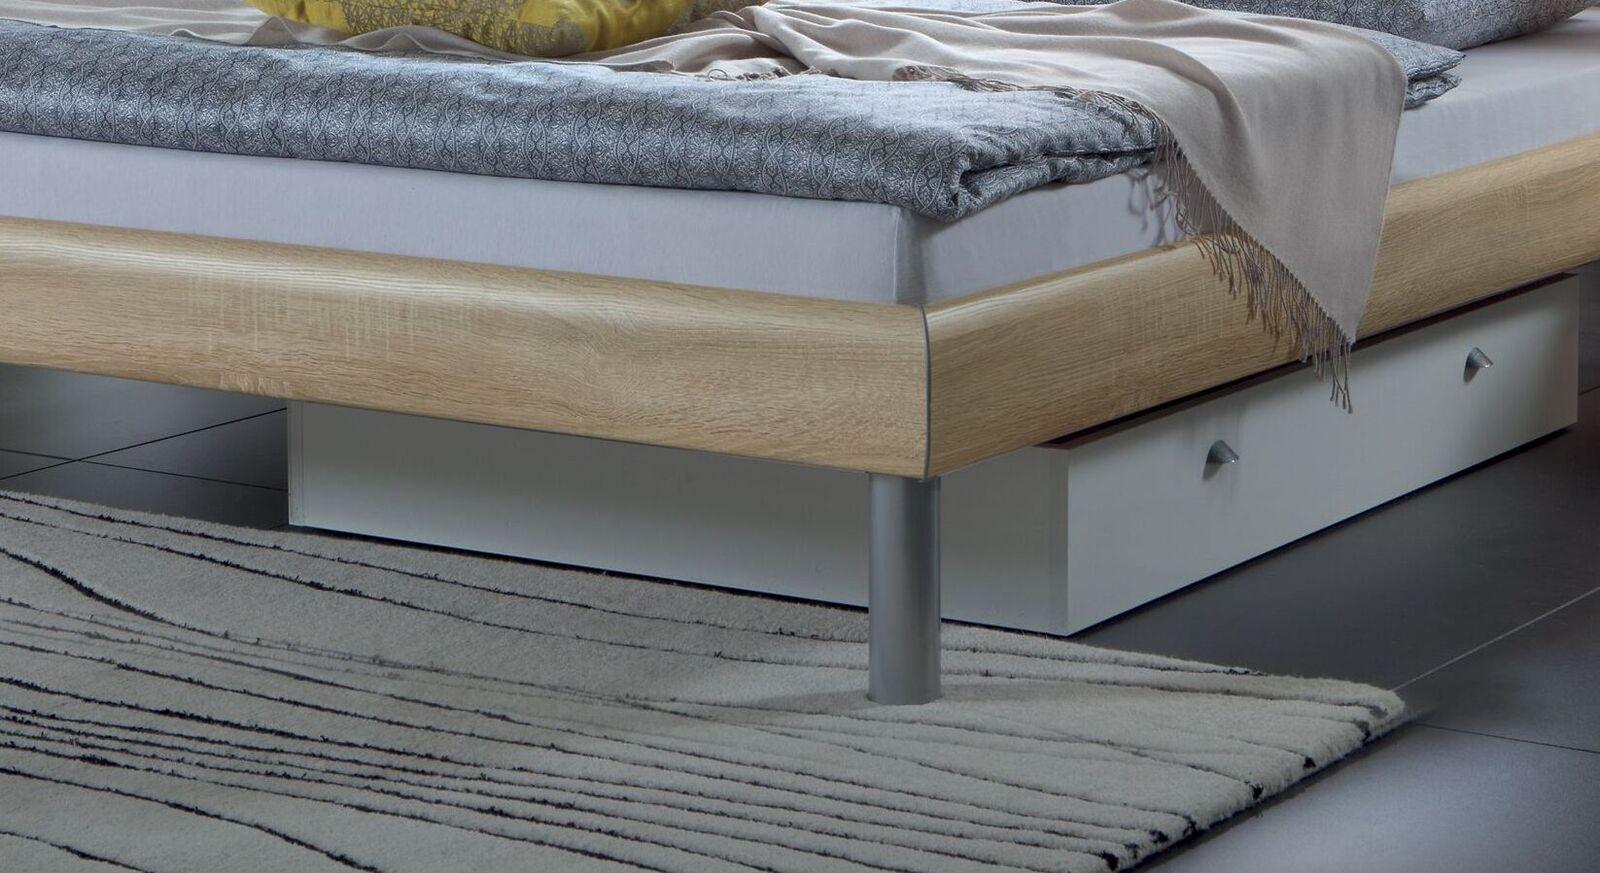 Bett Diego mit alufarbenen Bettbeinen